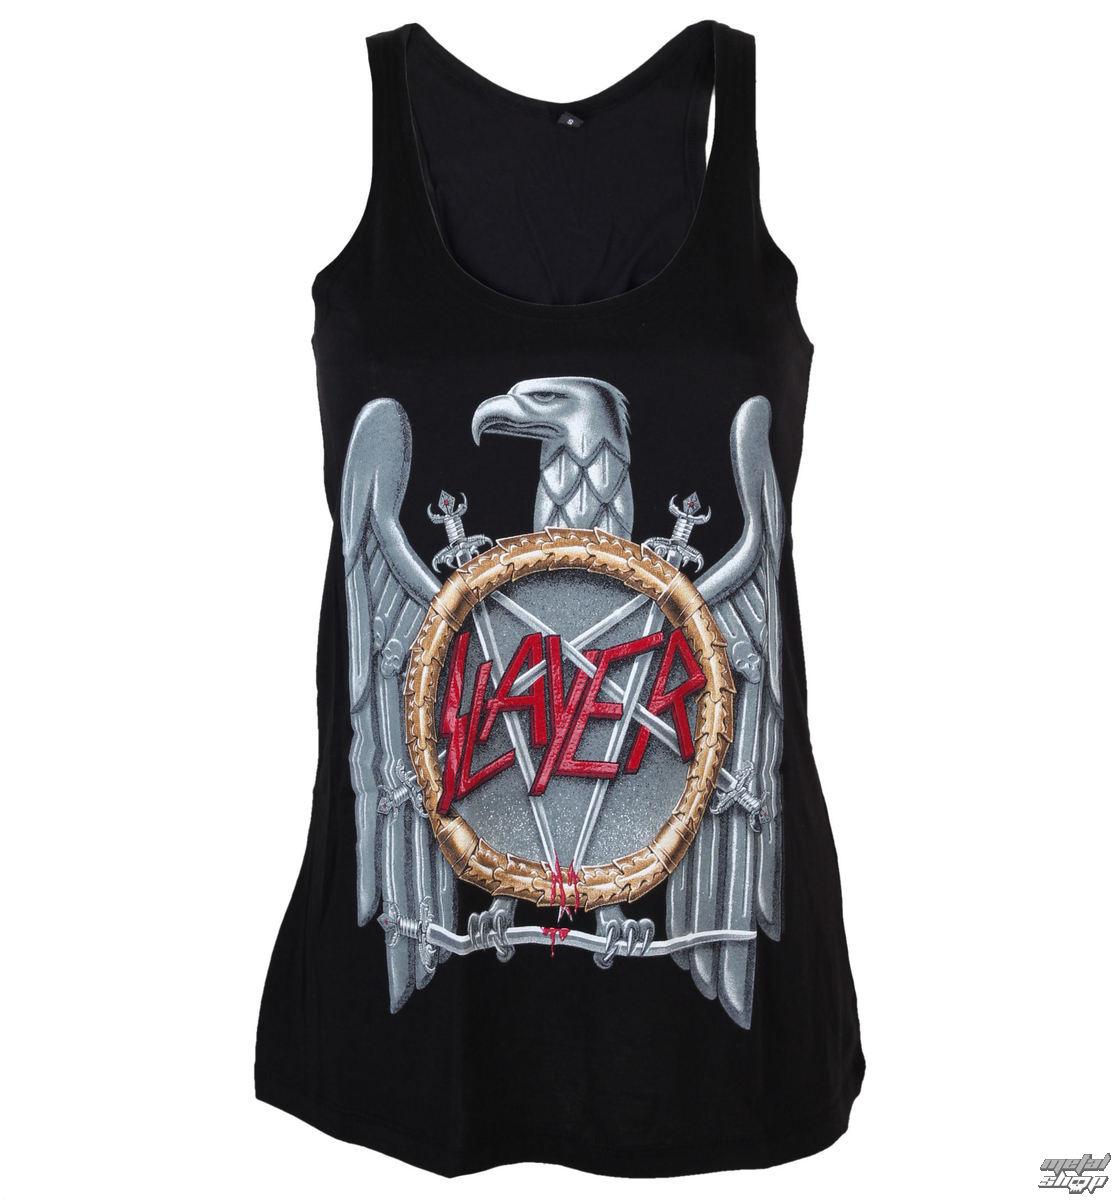 tďż˝lko dďż˝mskďż˝ Slayer - Silver Eagle Crystalina - ROCK OFF - SLAYPRV01LB